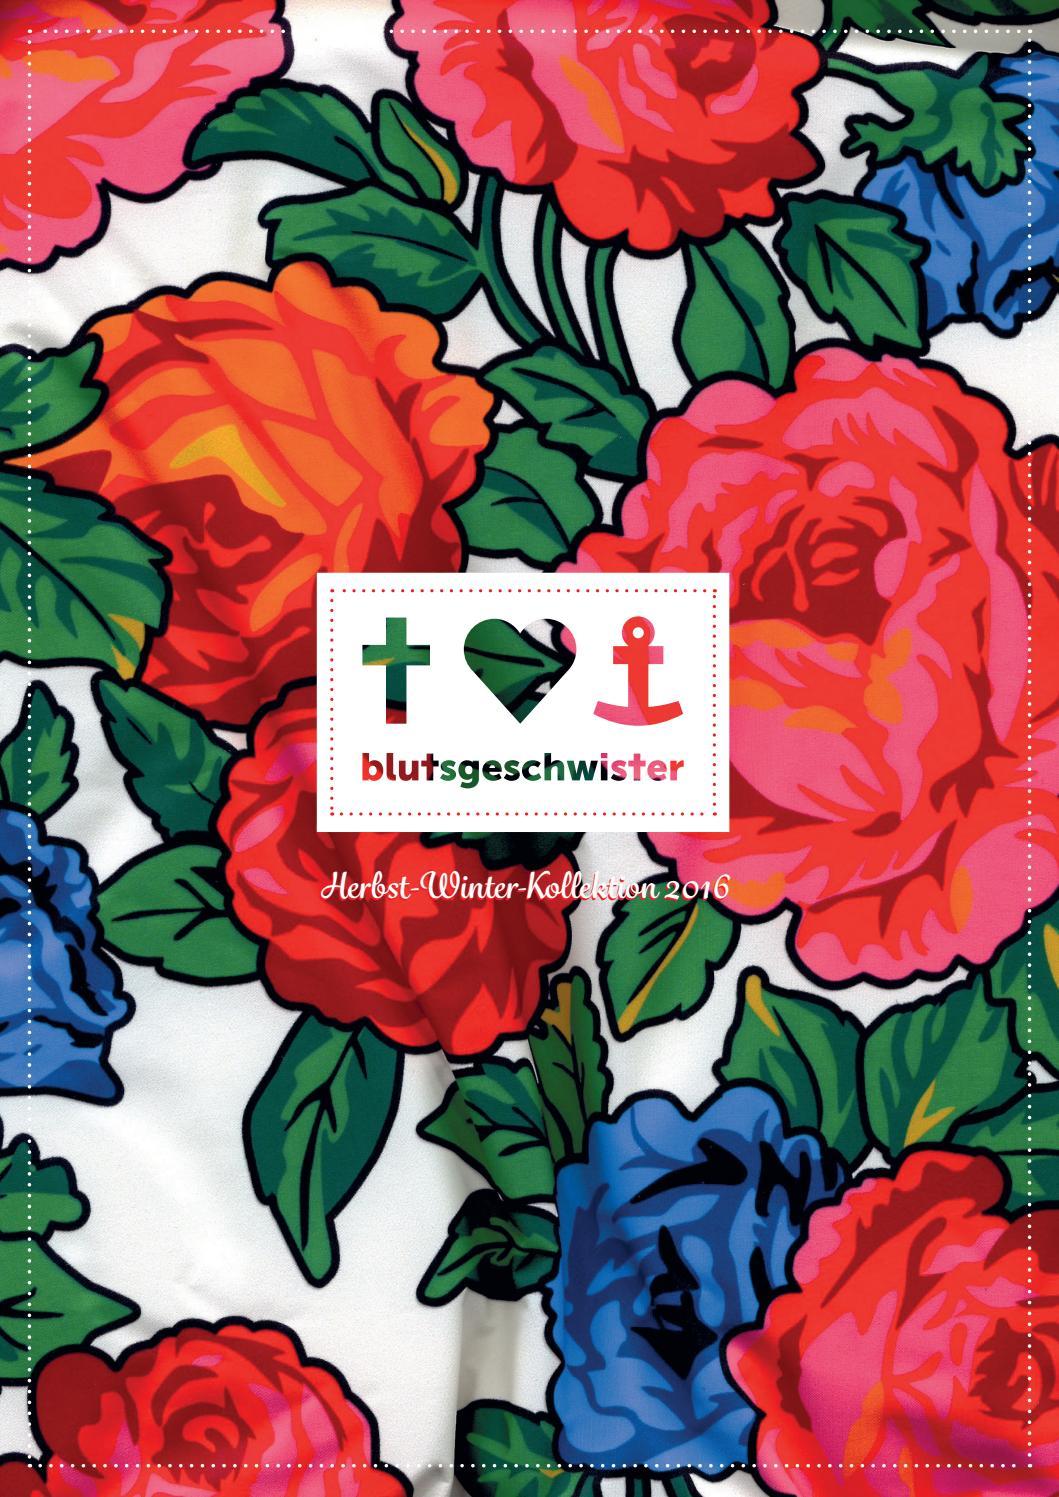 Blutsgeschwister Magazin Herbst-/ Winterkollektion 2016 by Blutsgeschwister  - issuu